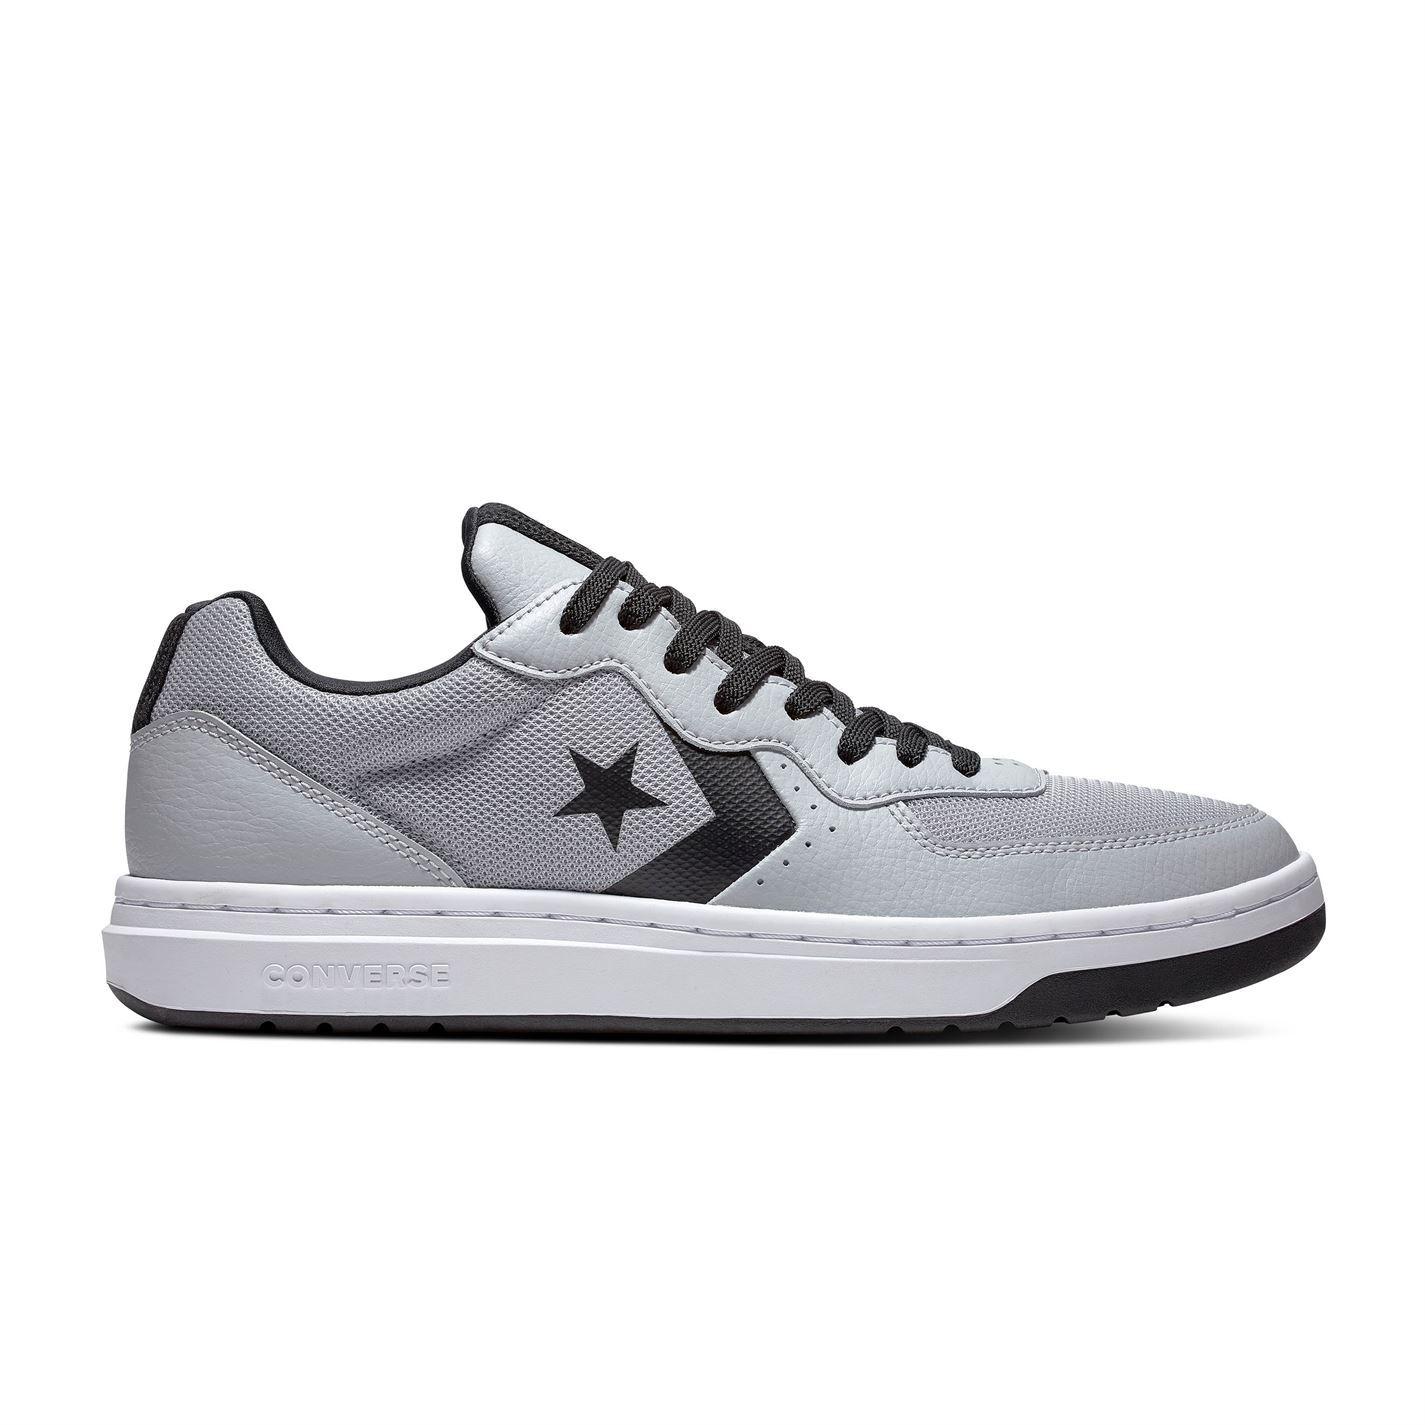 Converse-Rival-Baskets-Pour-Homme-Chaussures-De-Loisirs-Chaussures-Baskets miniature 23